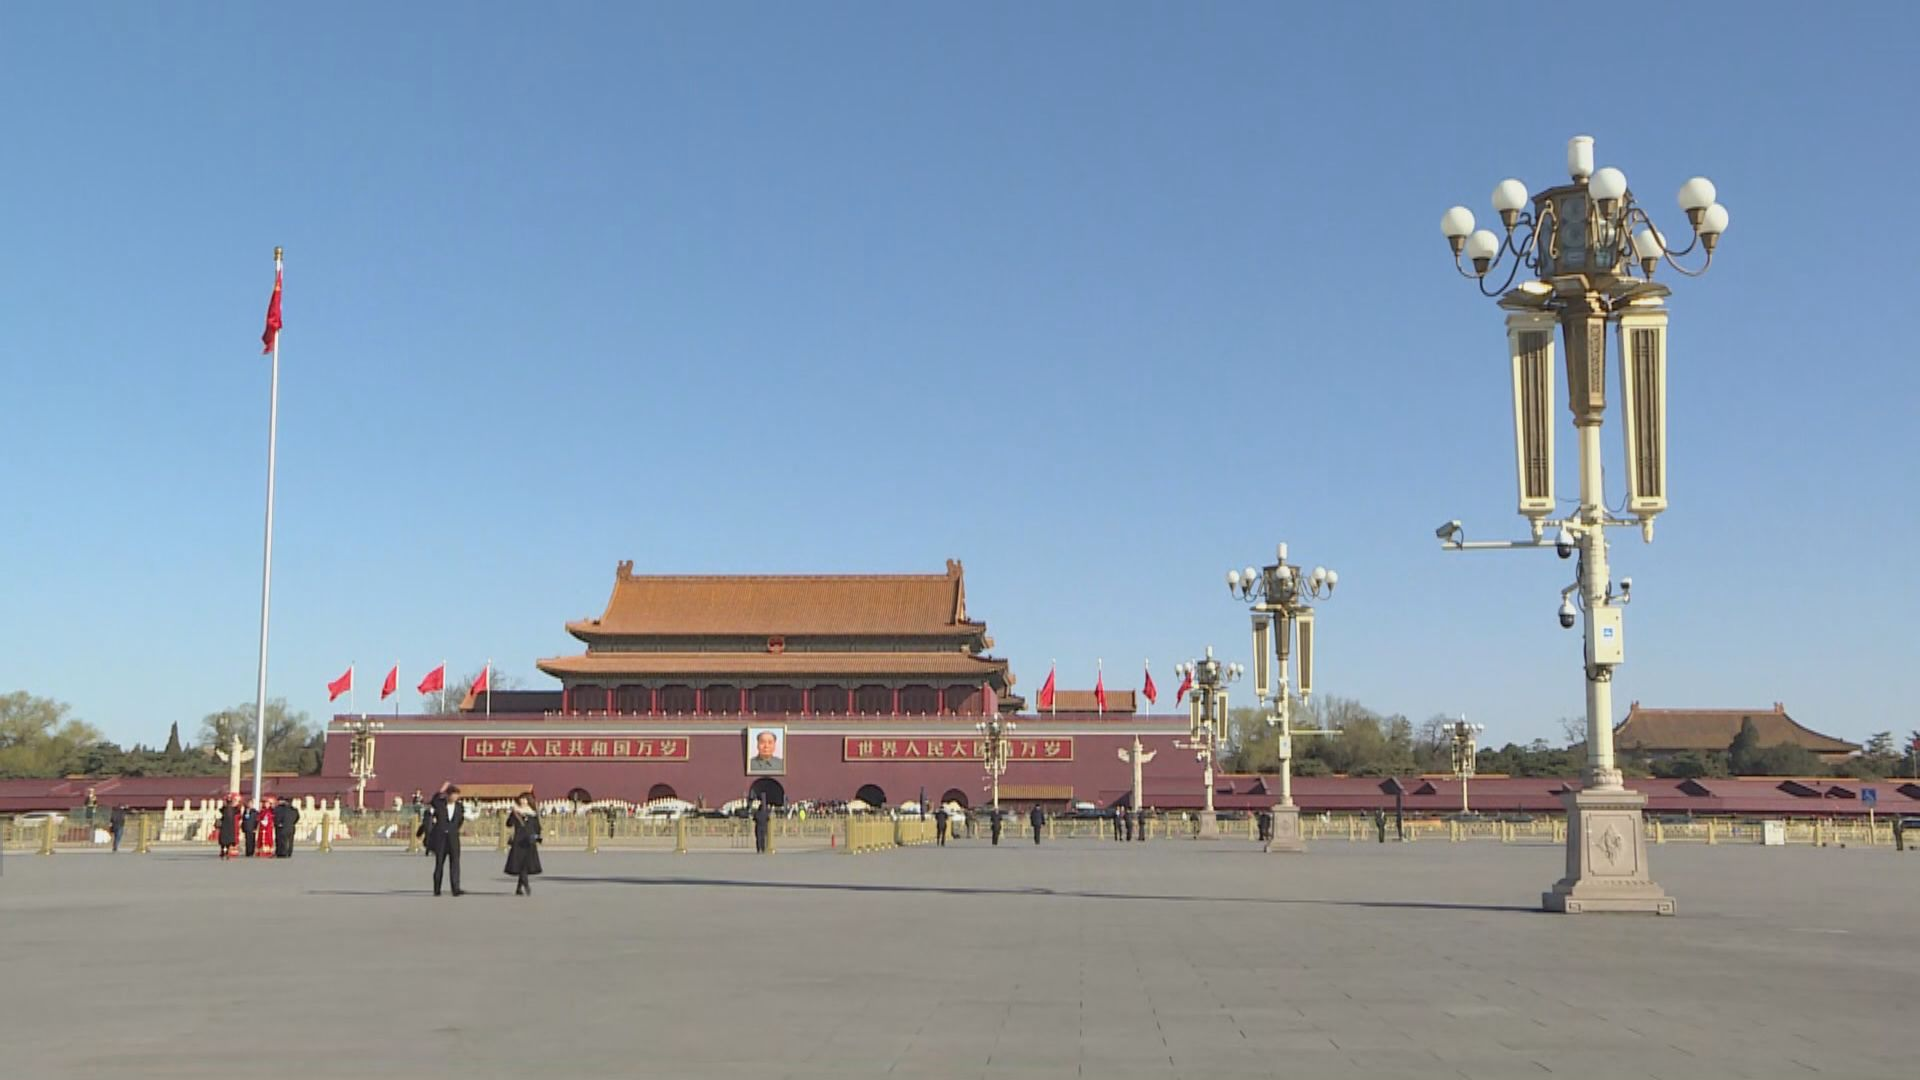 【中國經濟】內地10月固定資產、工業、零售數據均遜預期